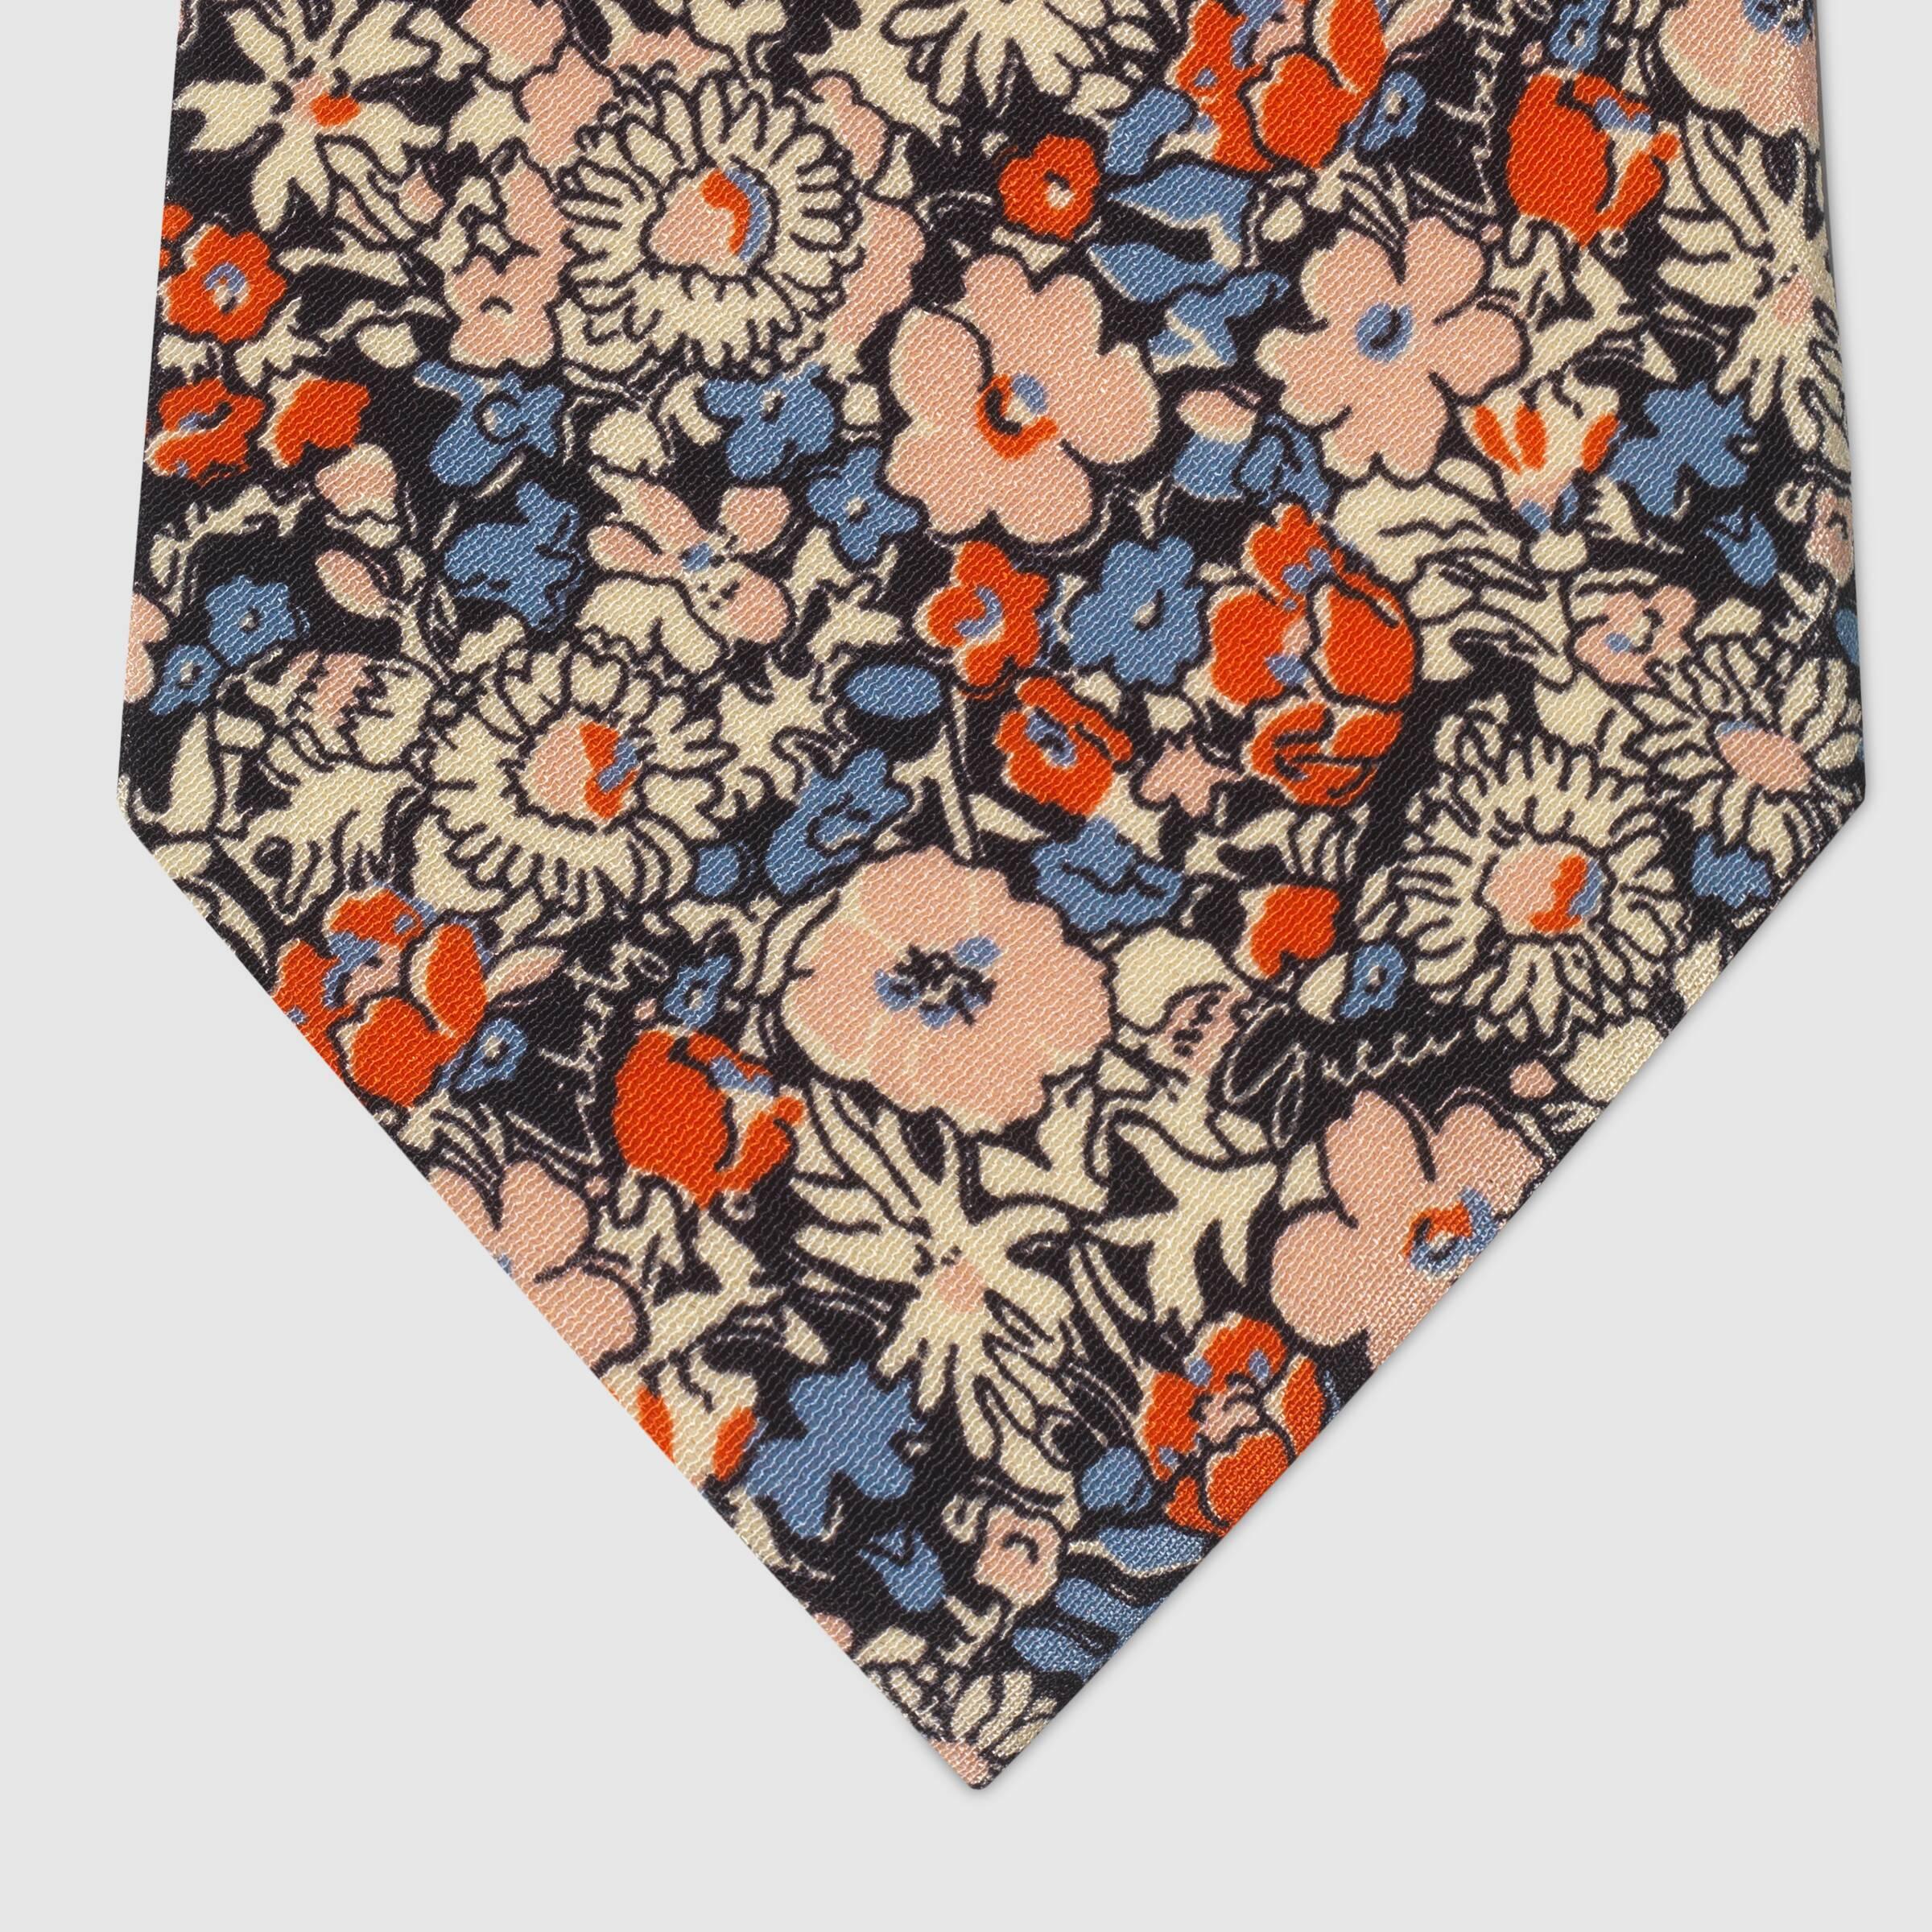 유럽직배송 구찌 GUCCI Gucci - Gucci Liberty floral silk crêpe tie 6341734B0059888